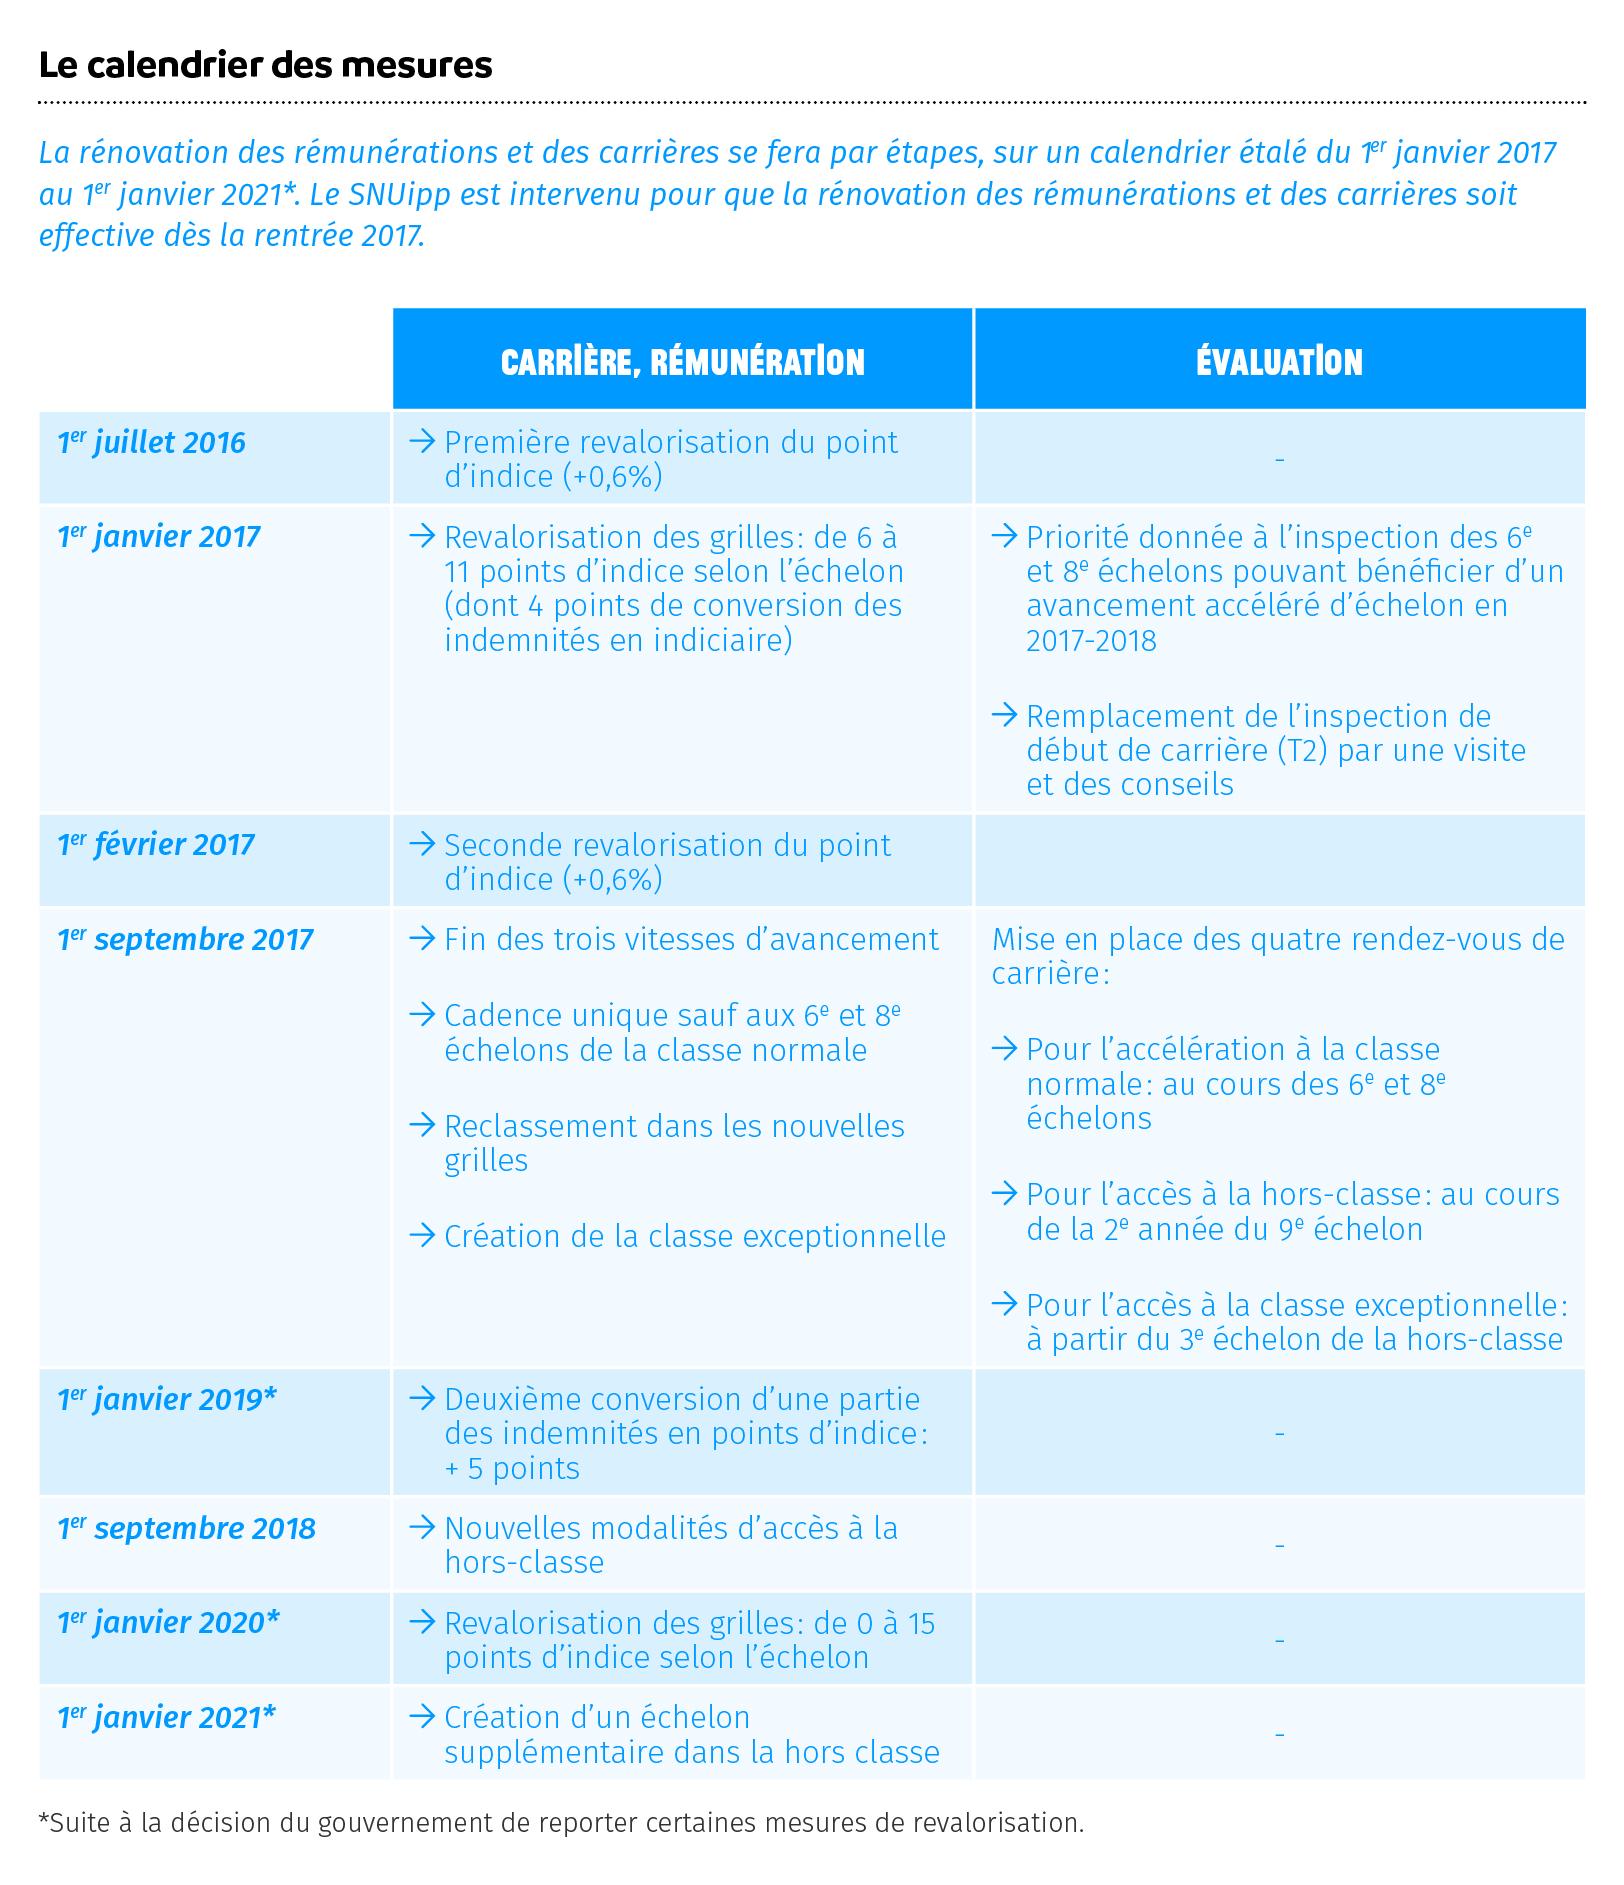 Calendrier Hors Classe 2020 | Calendrier 2020 modeltreindagen